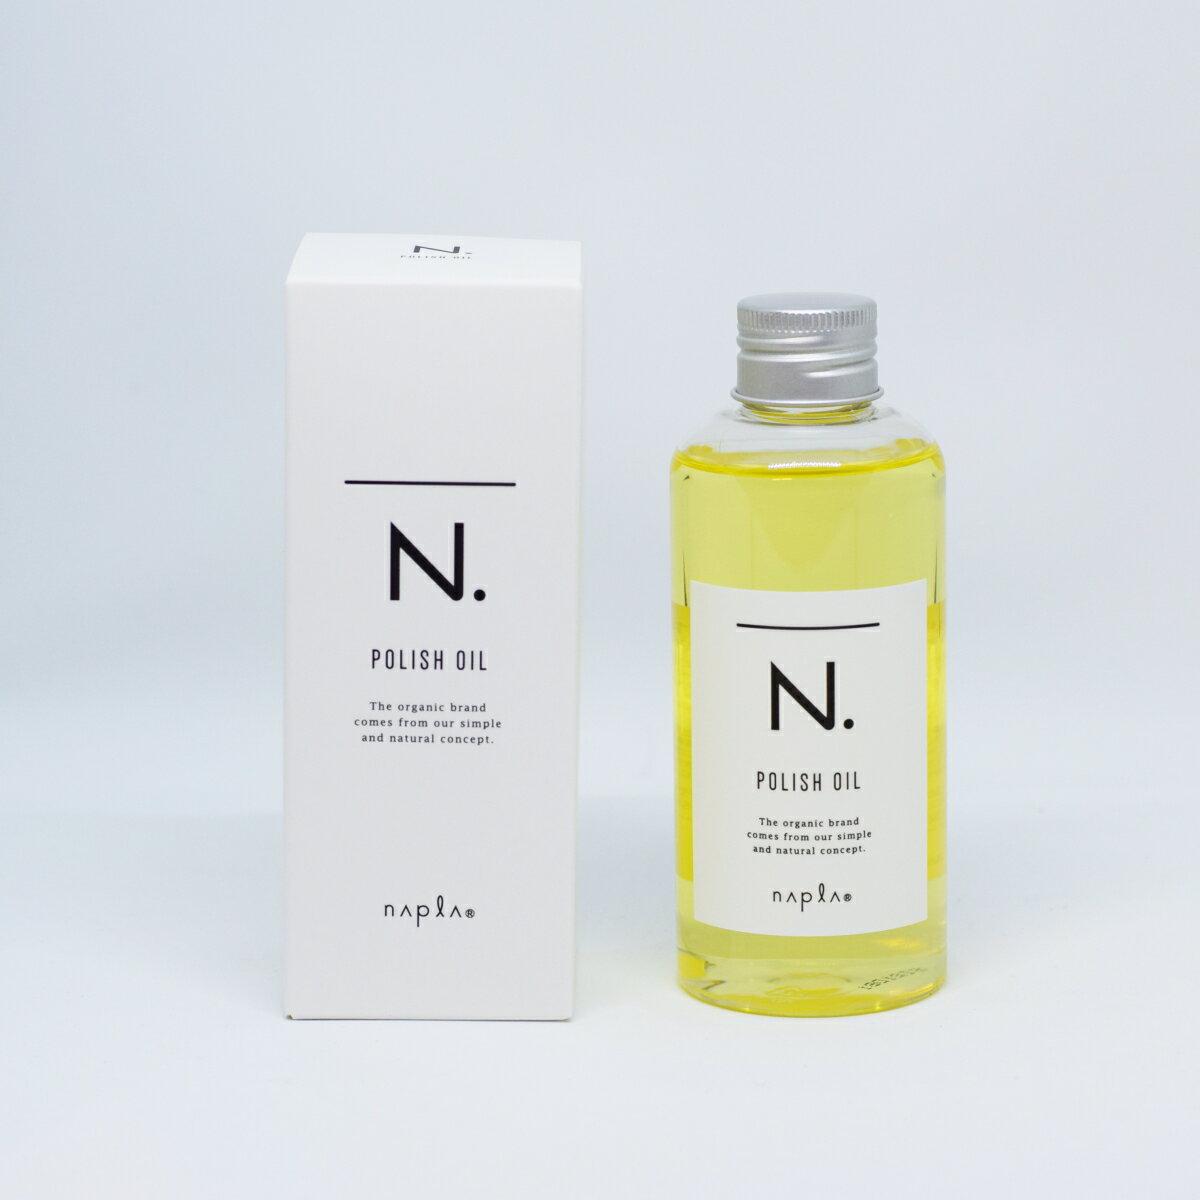 N. (エヌドット) ポリッシュオイル 150ml ヘアオイル ユニセックス ヘアケア NAPLA (ナプラ)